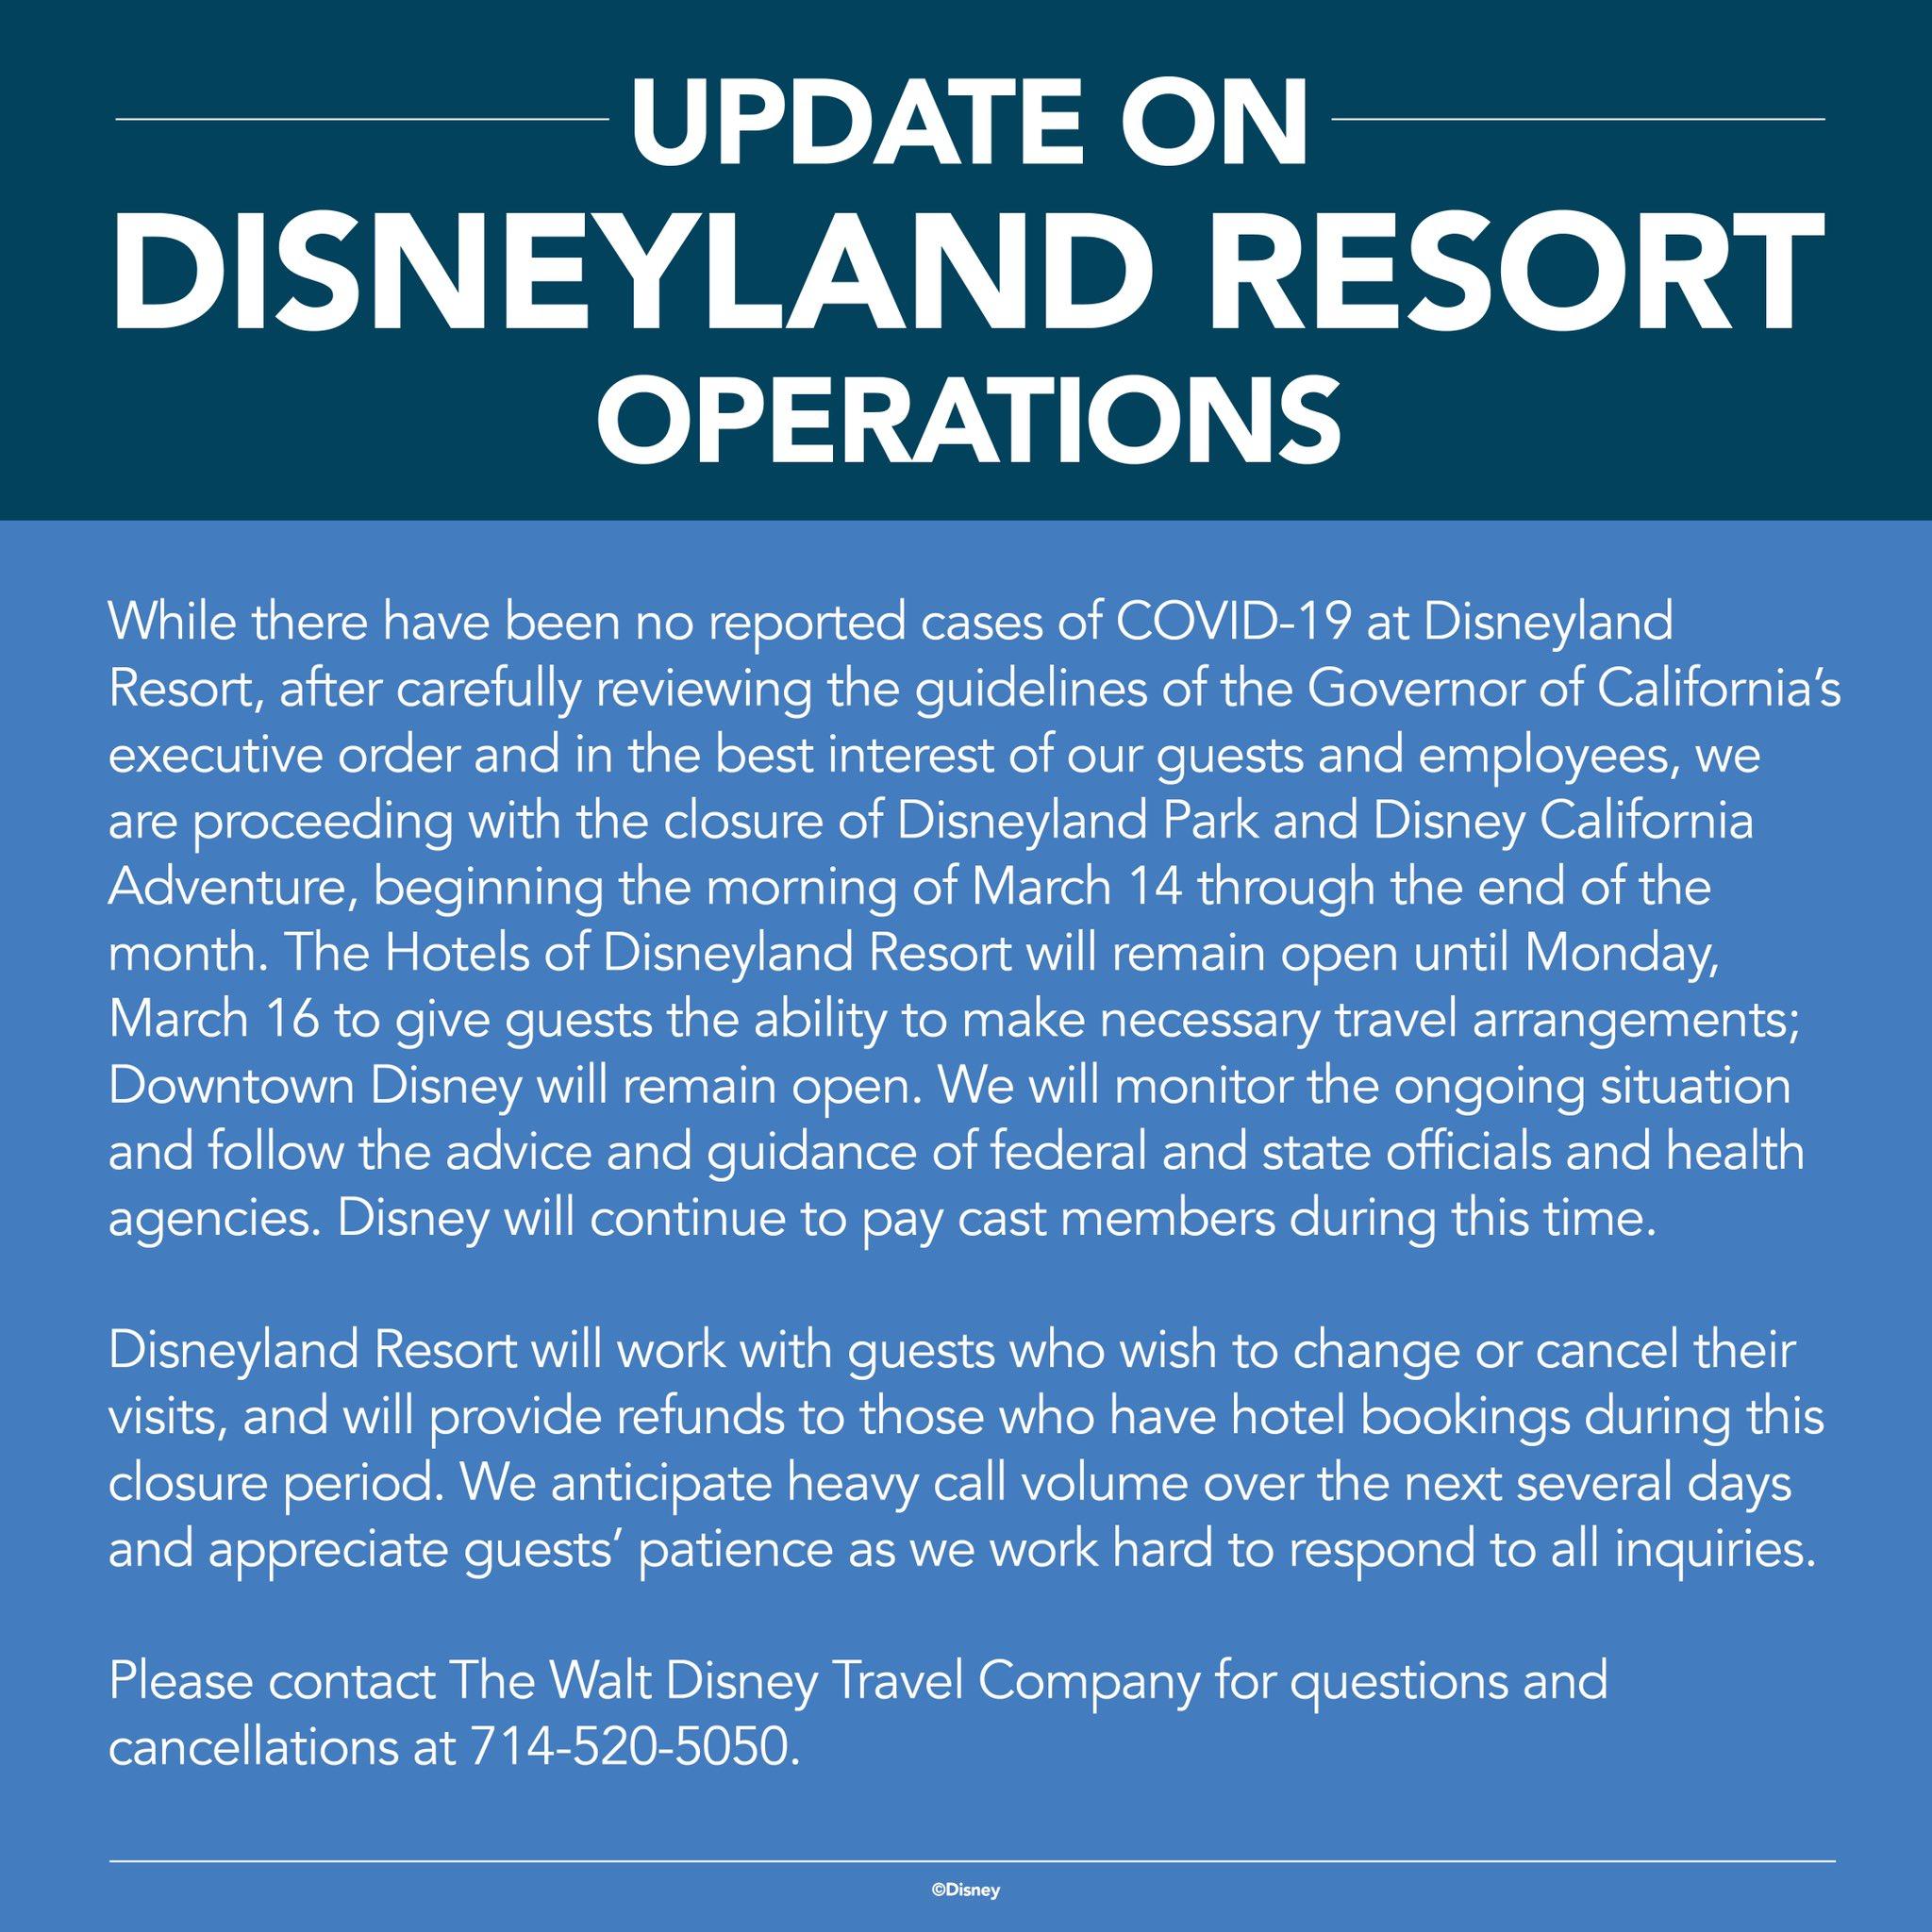 Disneyland Closing for Coronavirus